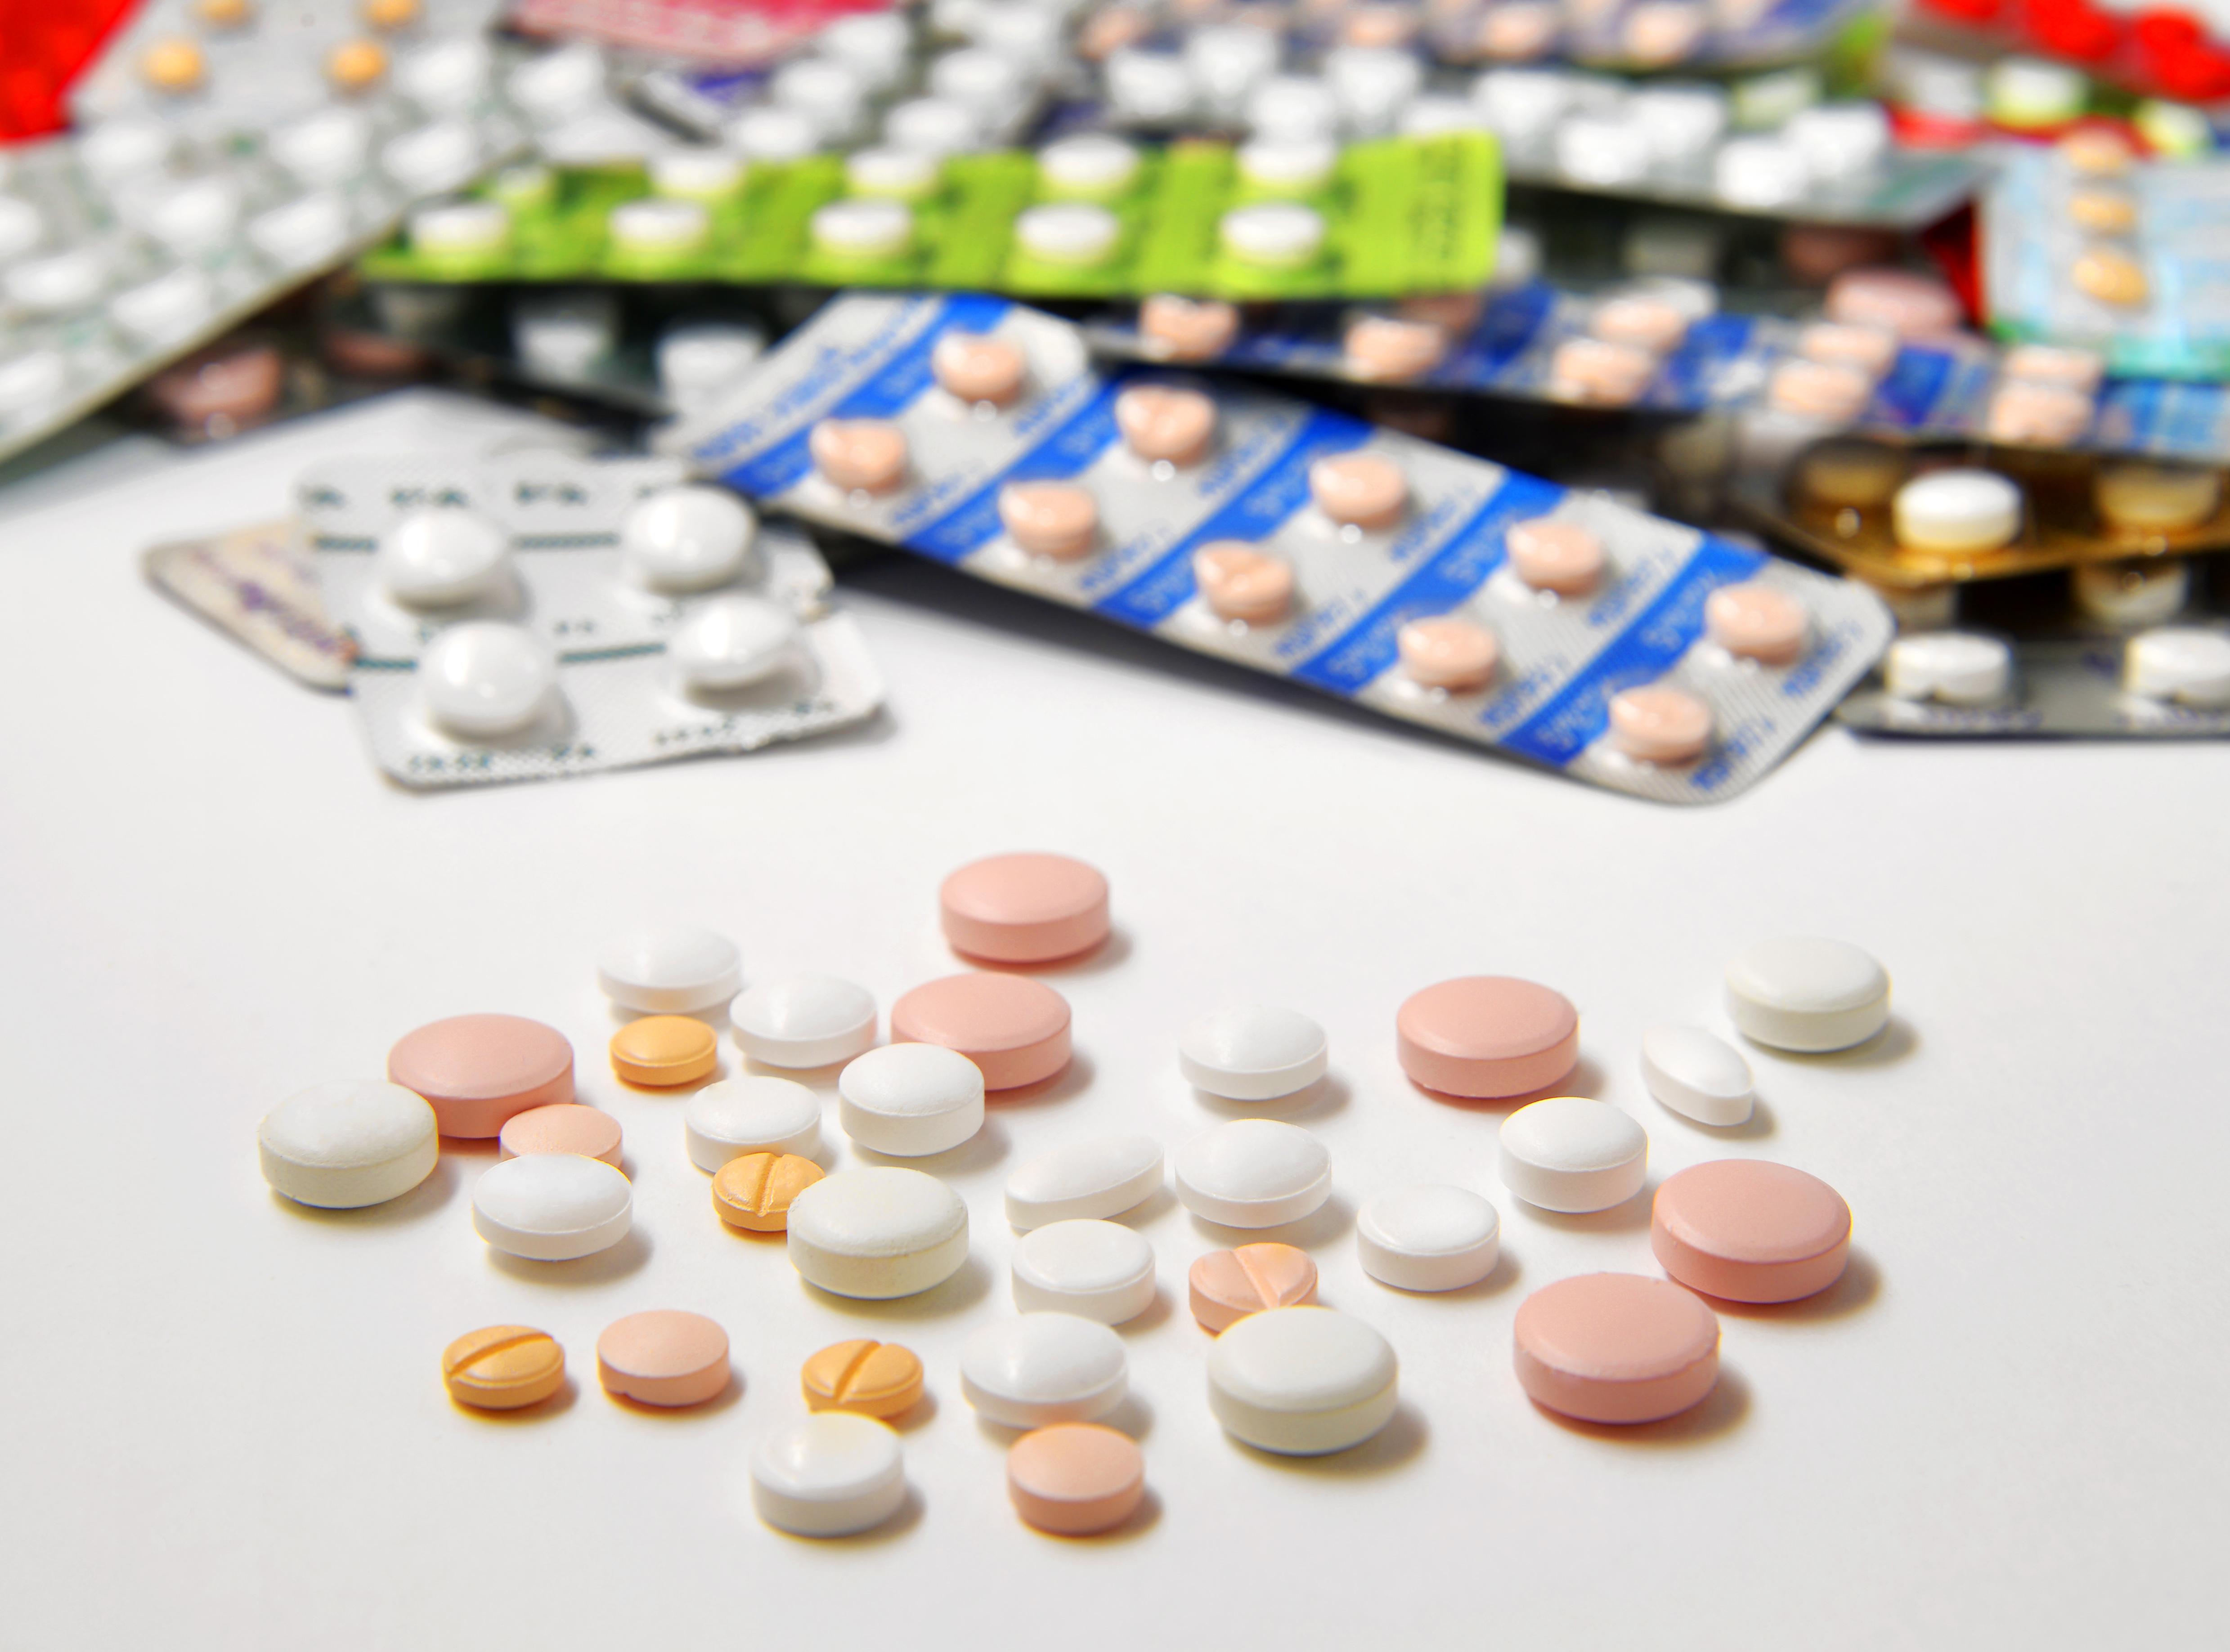 AGA治療薬種類